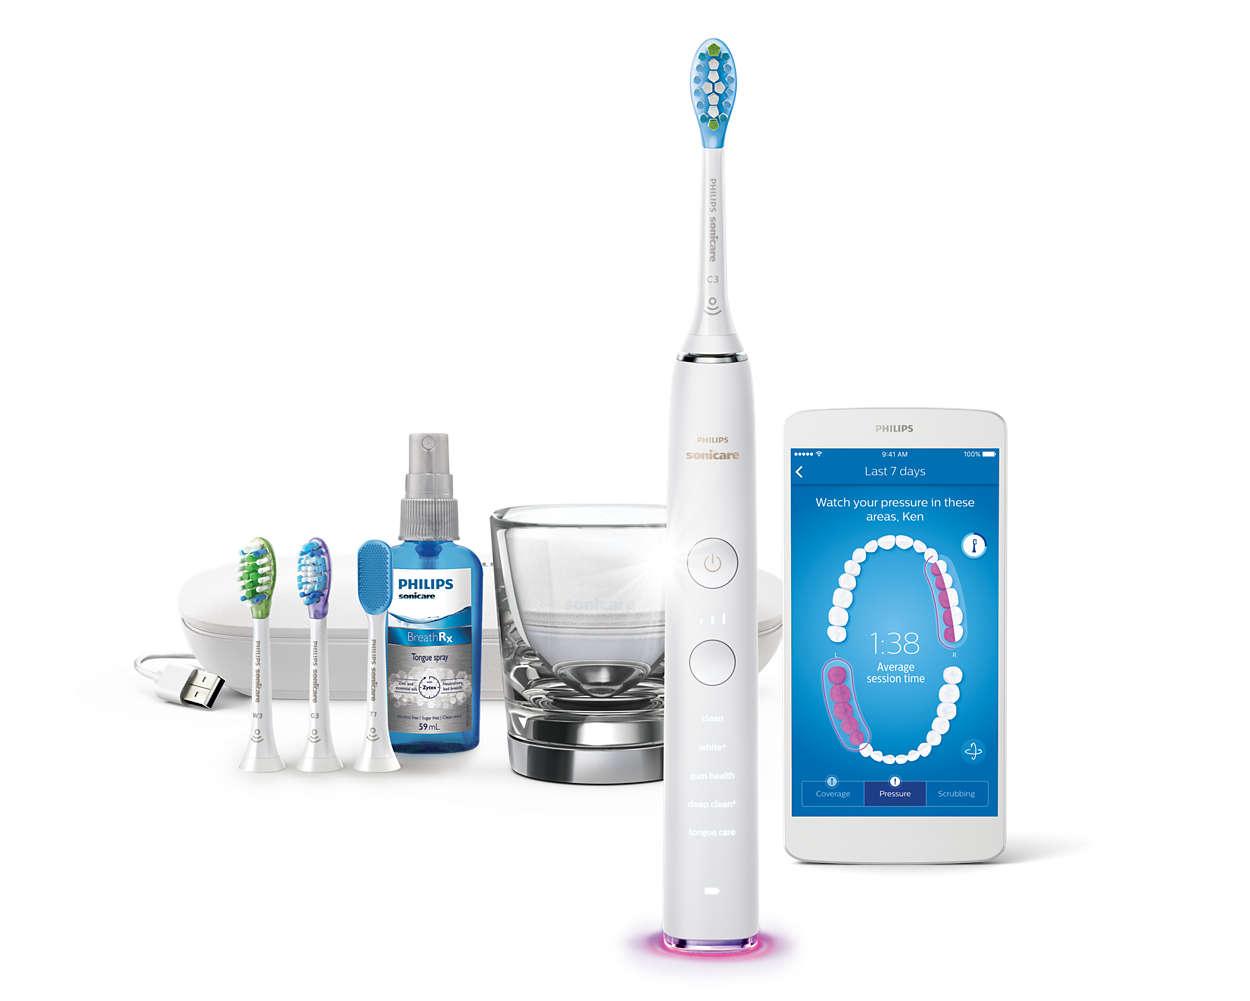 Kaikkien aikojen paras hammasharjamme. Puhdistaa koko suun.